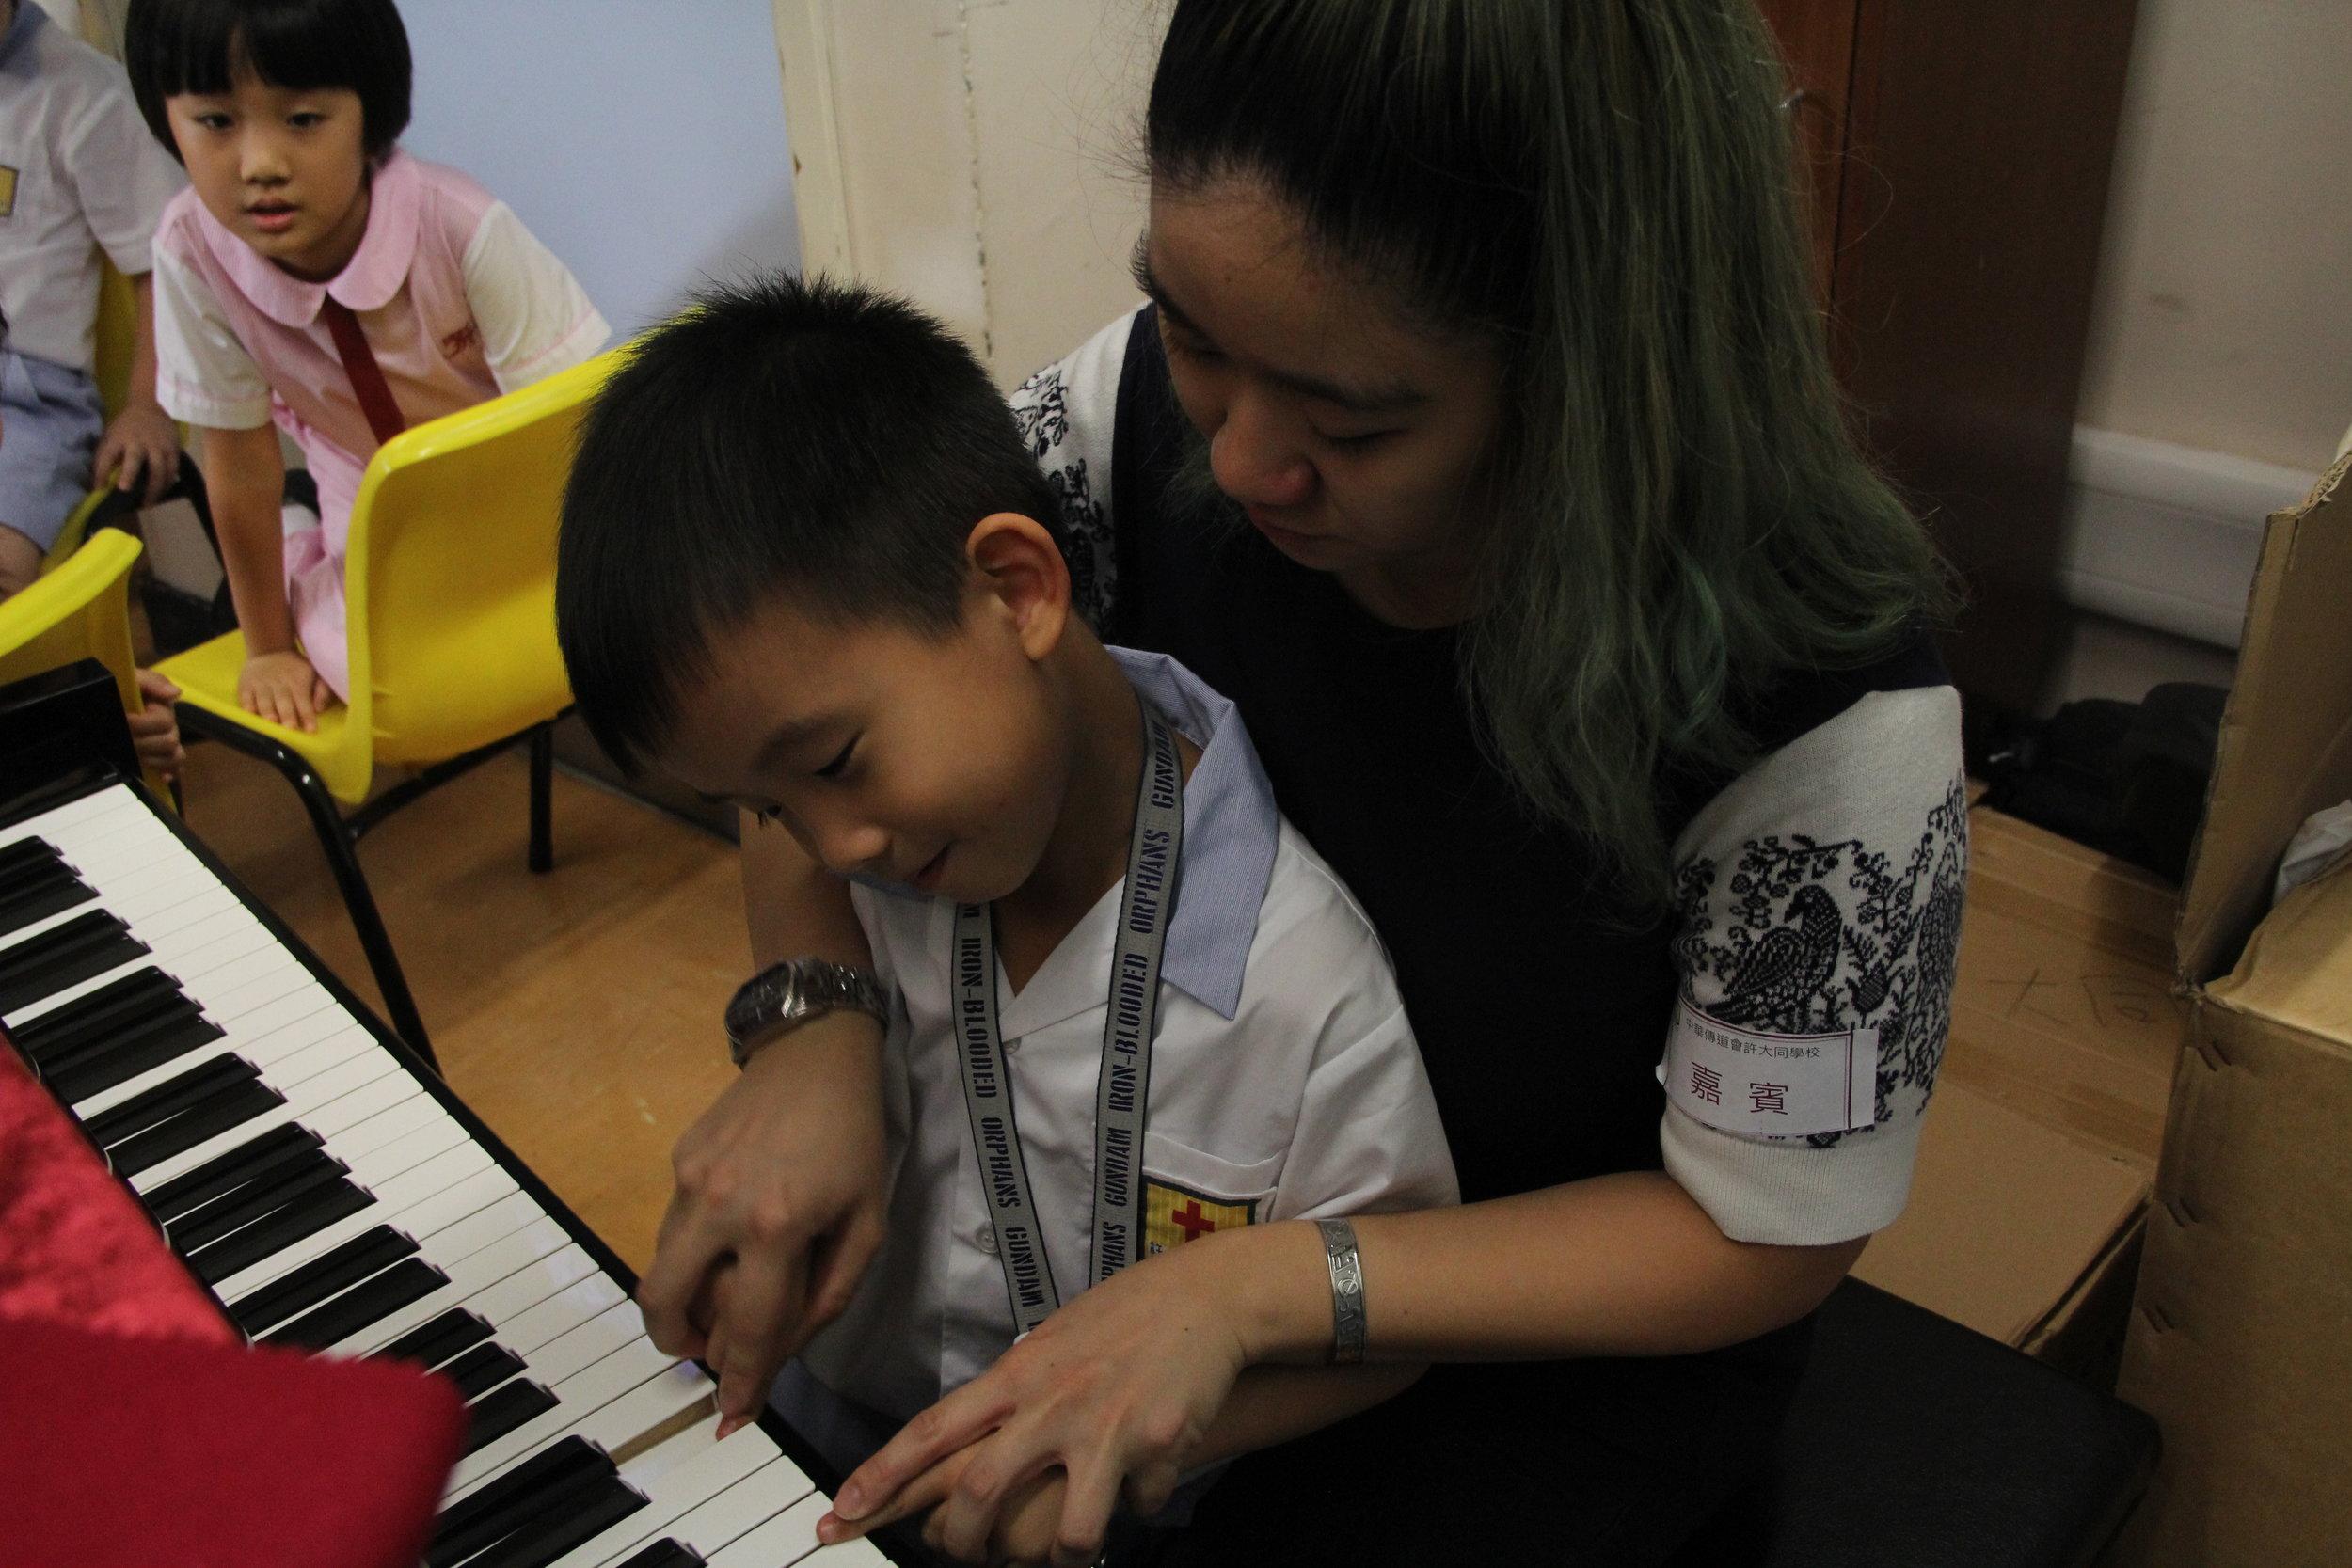 導師教導同學彈奏鋼琴,同學陶醉於美妙的琴聲中!